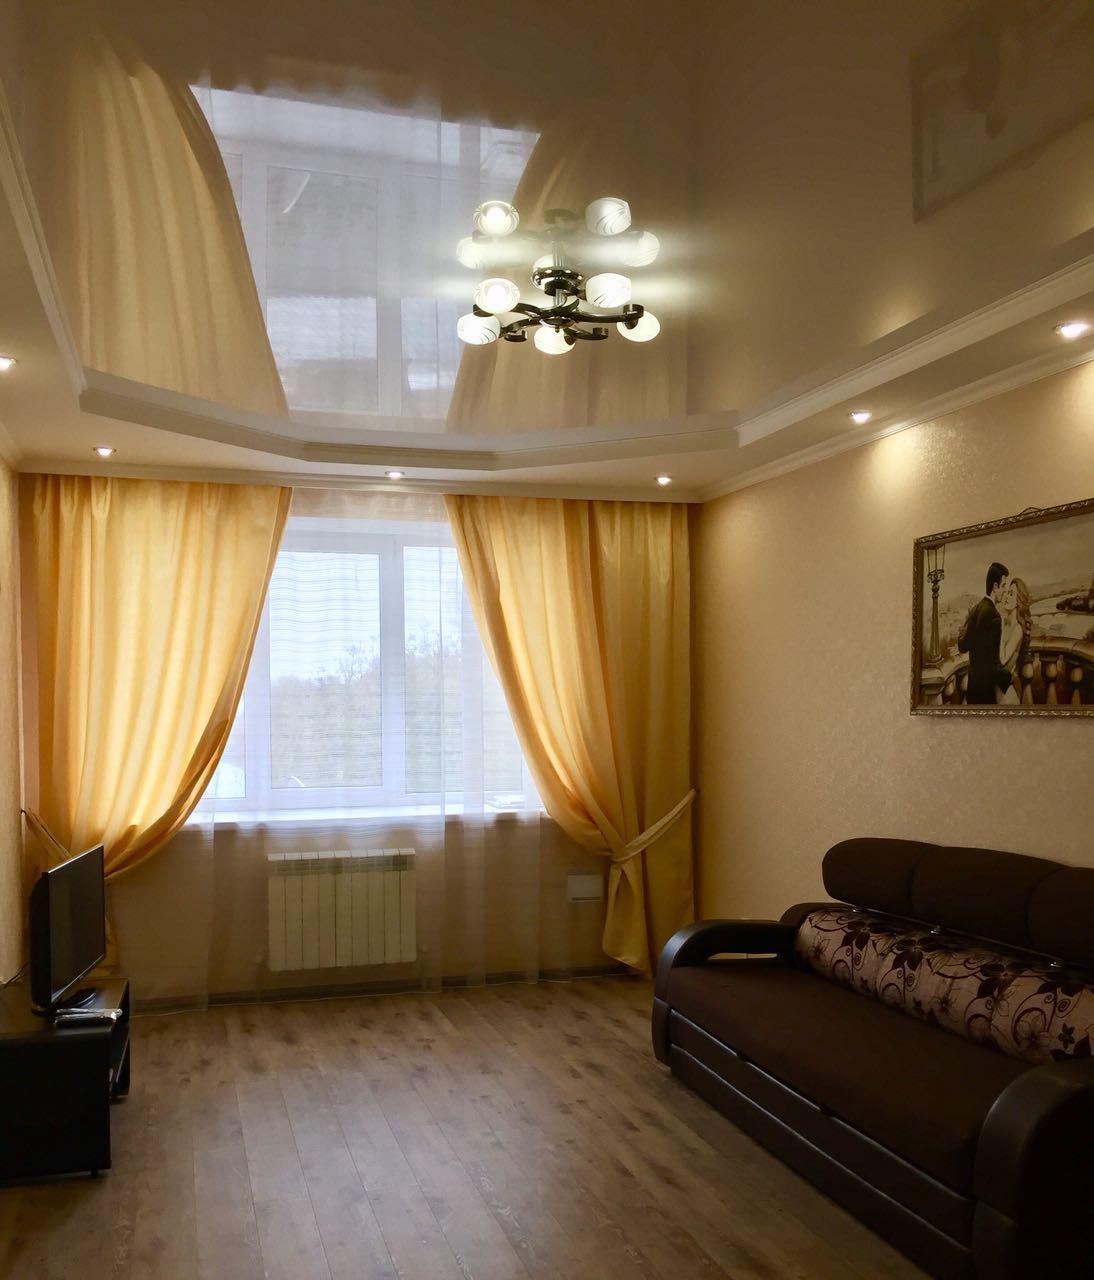 Продается 2-комнатная квартира в новом элитном кирпичном доме по адресу: г.Ессентуки, ул. Октябрьская площадь , 31